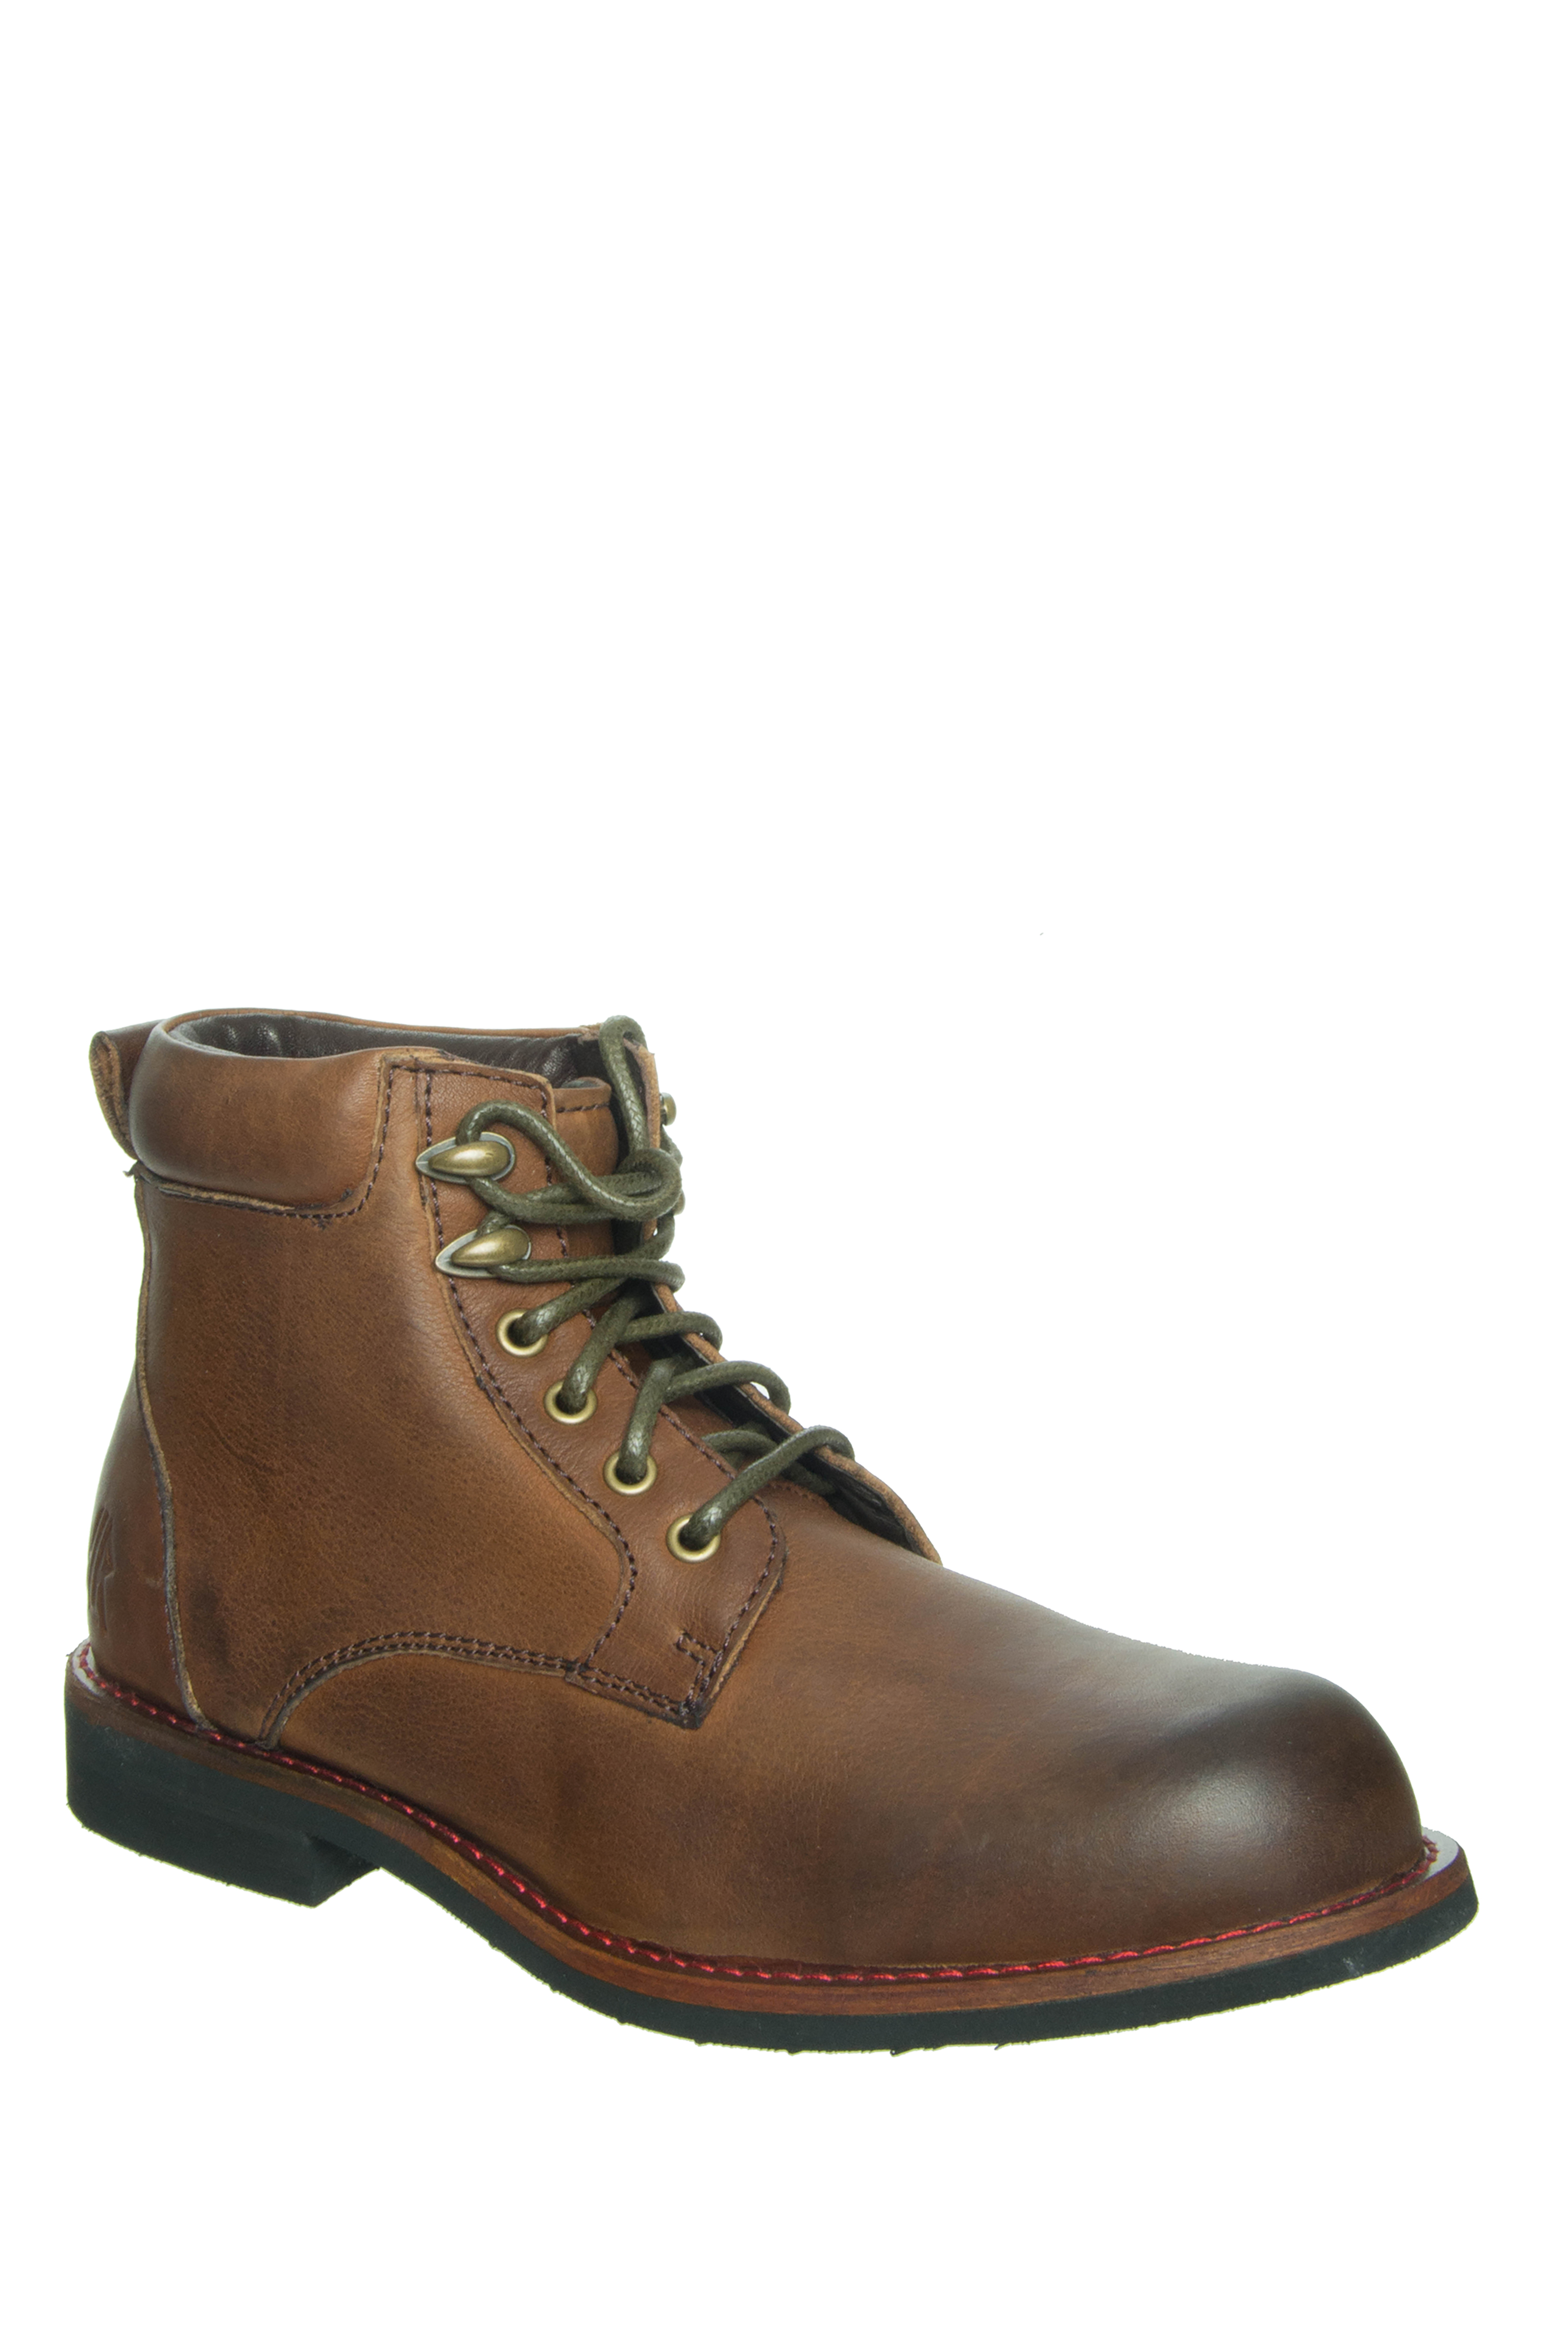 KLR Men's Drew Lace-Up Boots - Brown